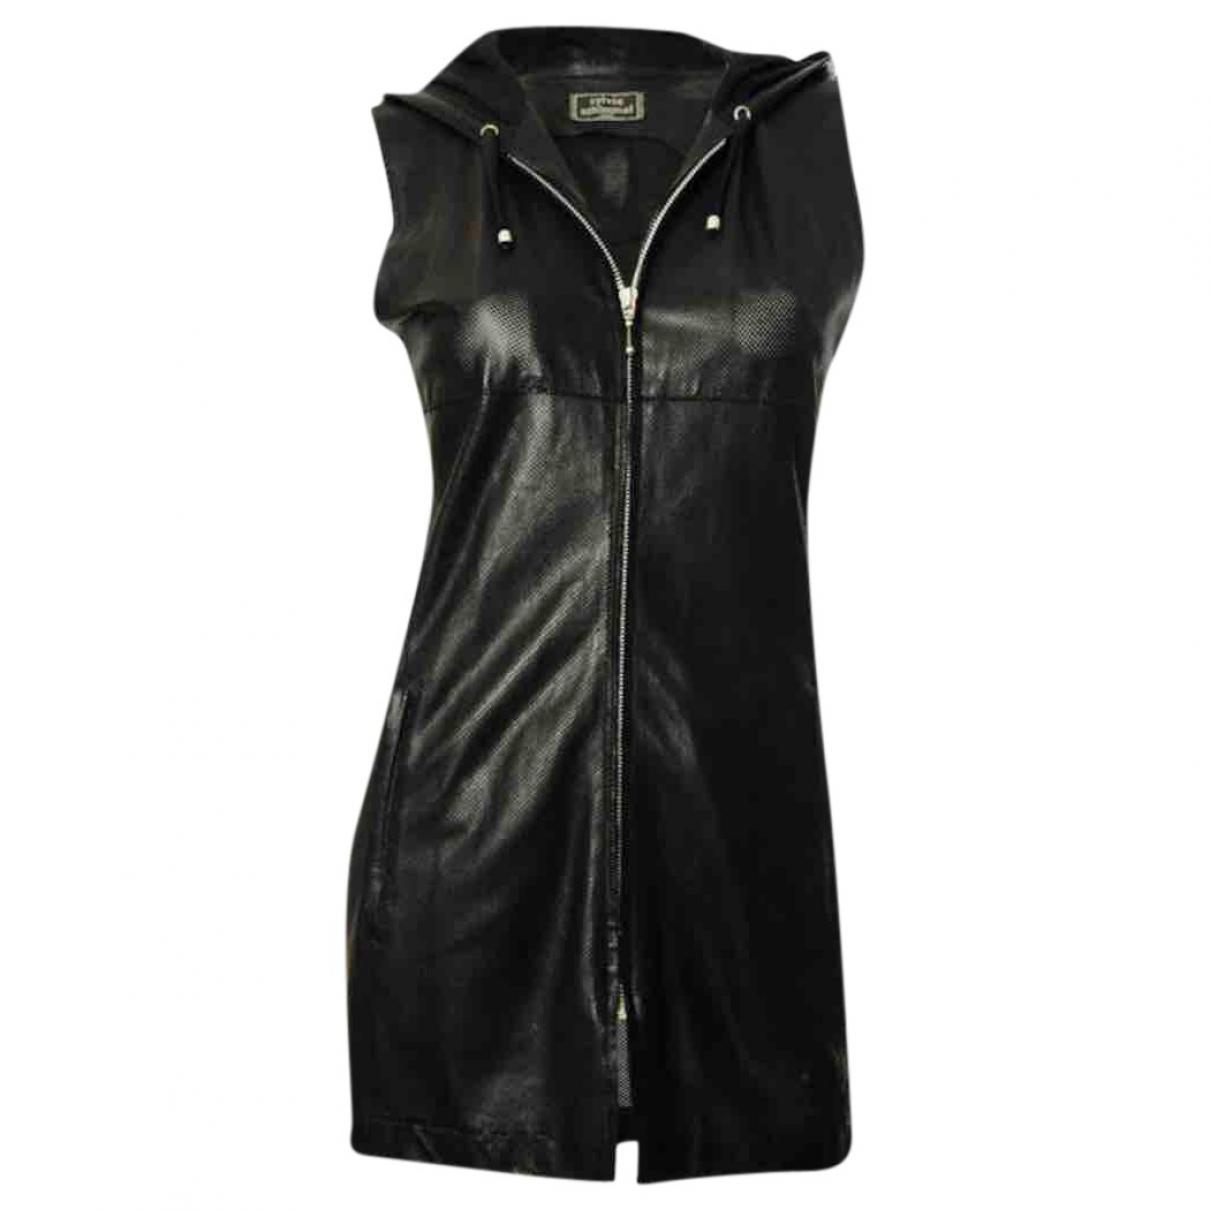 Sylvie Schimmel \N Black Leather jacket for Women 38 FR